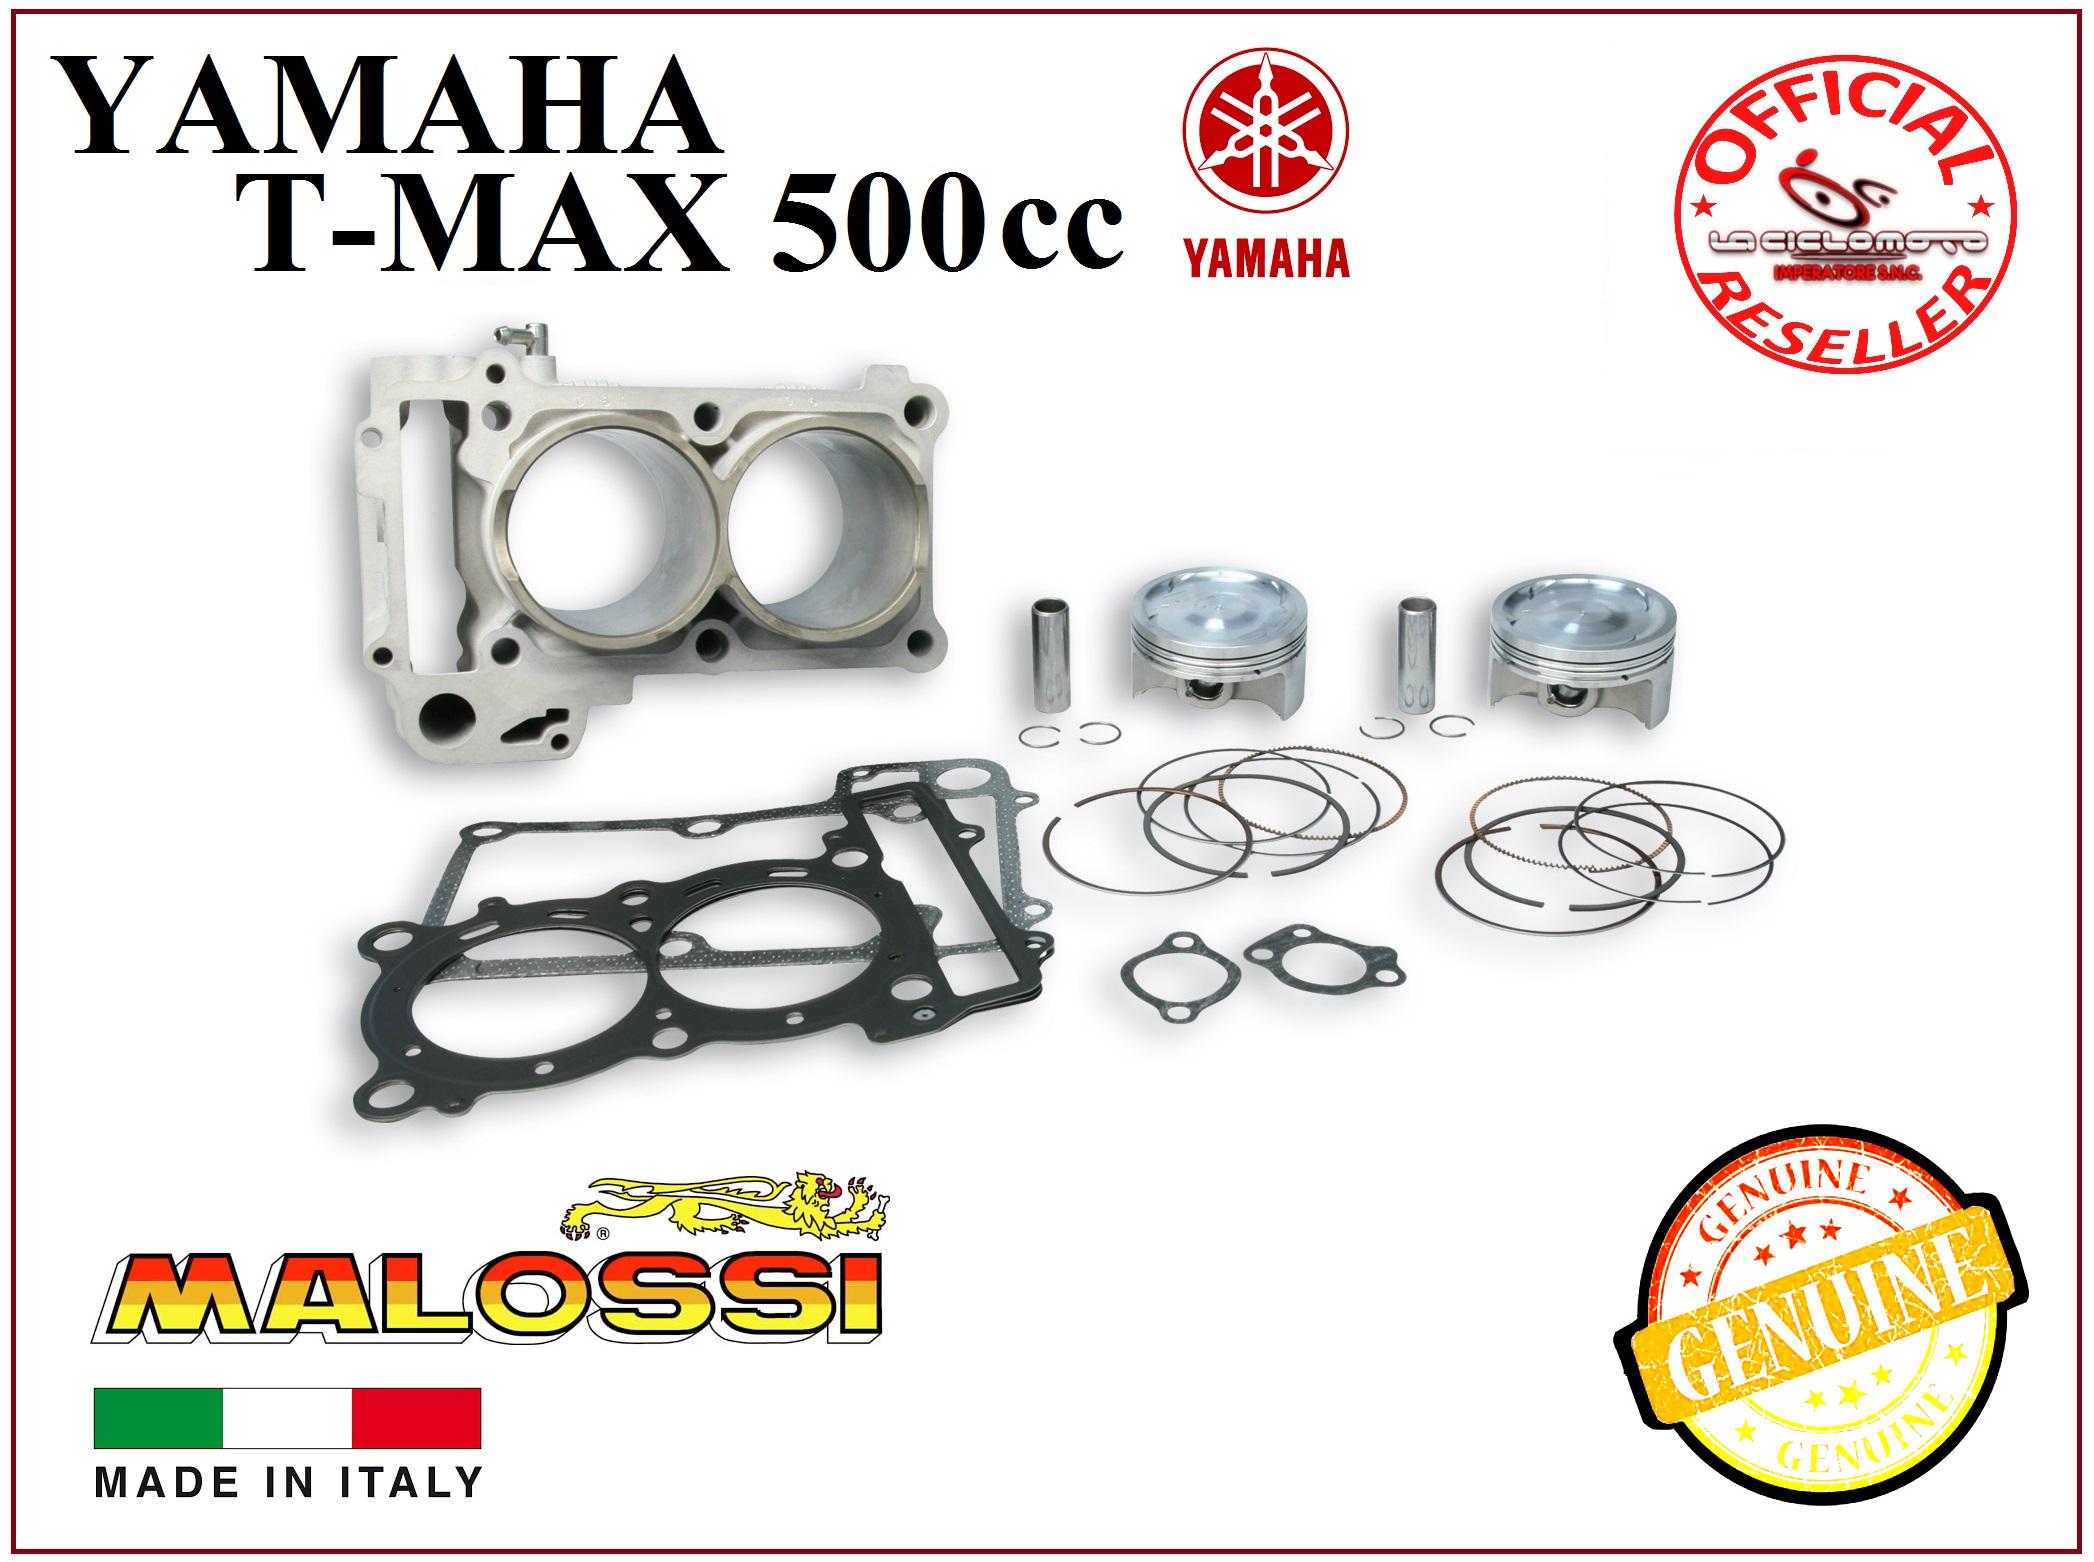 Ammortizzatori Selle Yamaha Xp Tmax T-max 500 530 x2